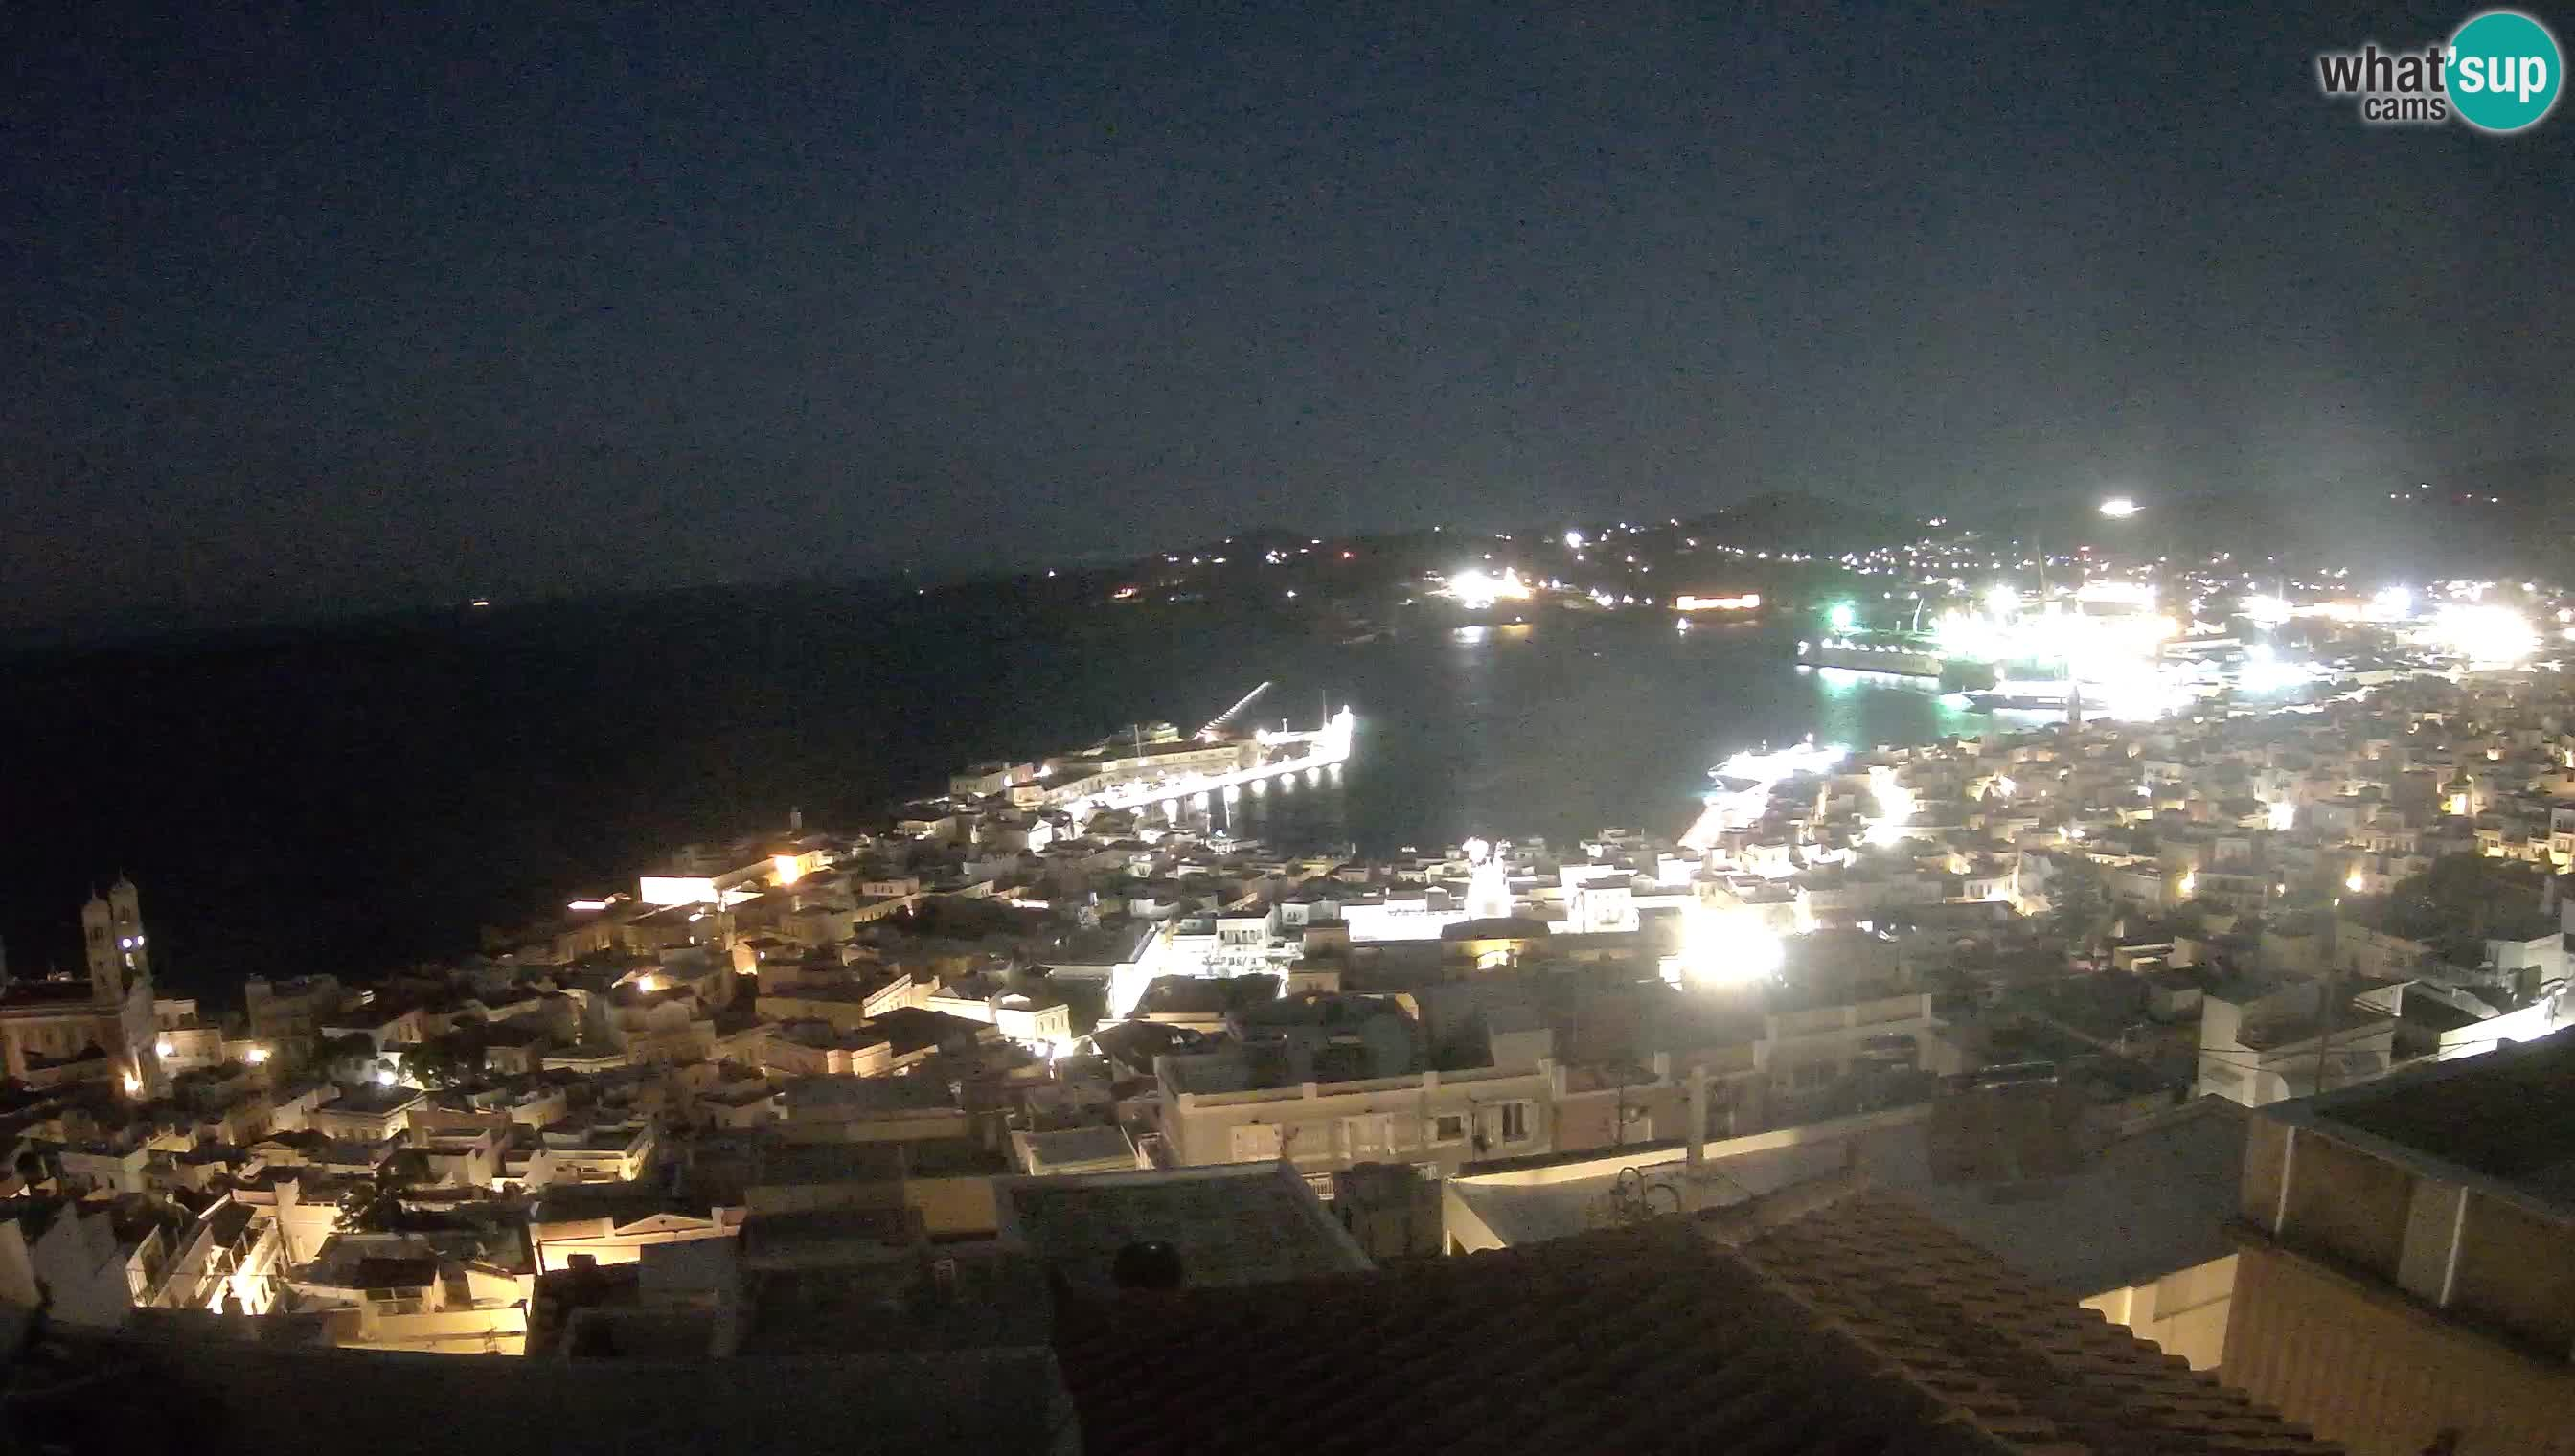 Vista panorámica de Ηermoupolis y el puerto de Syros